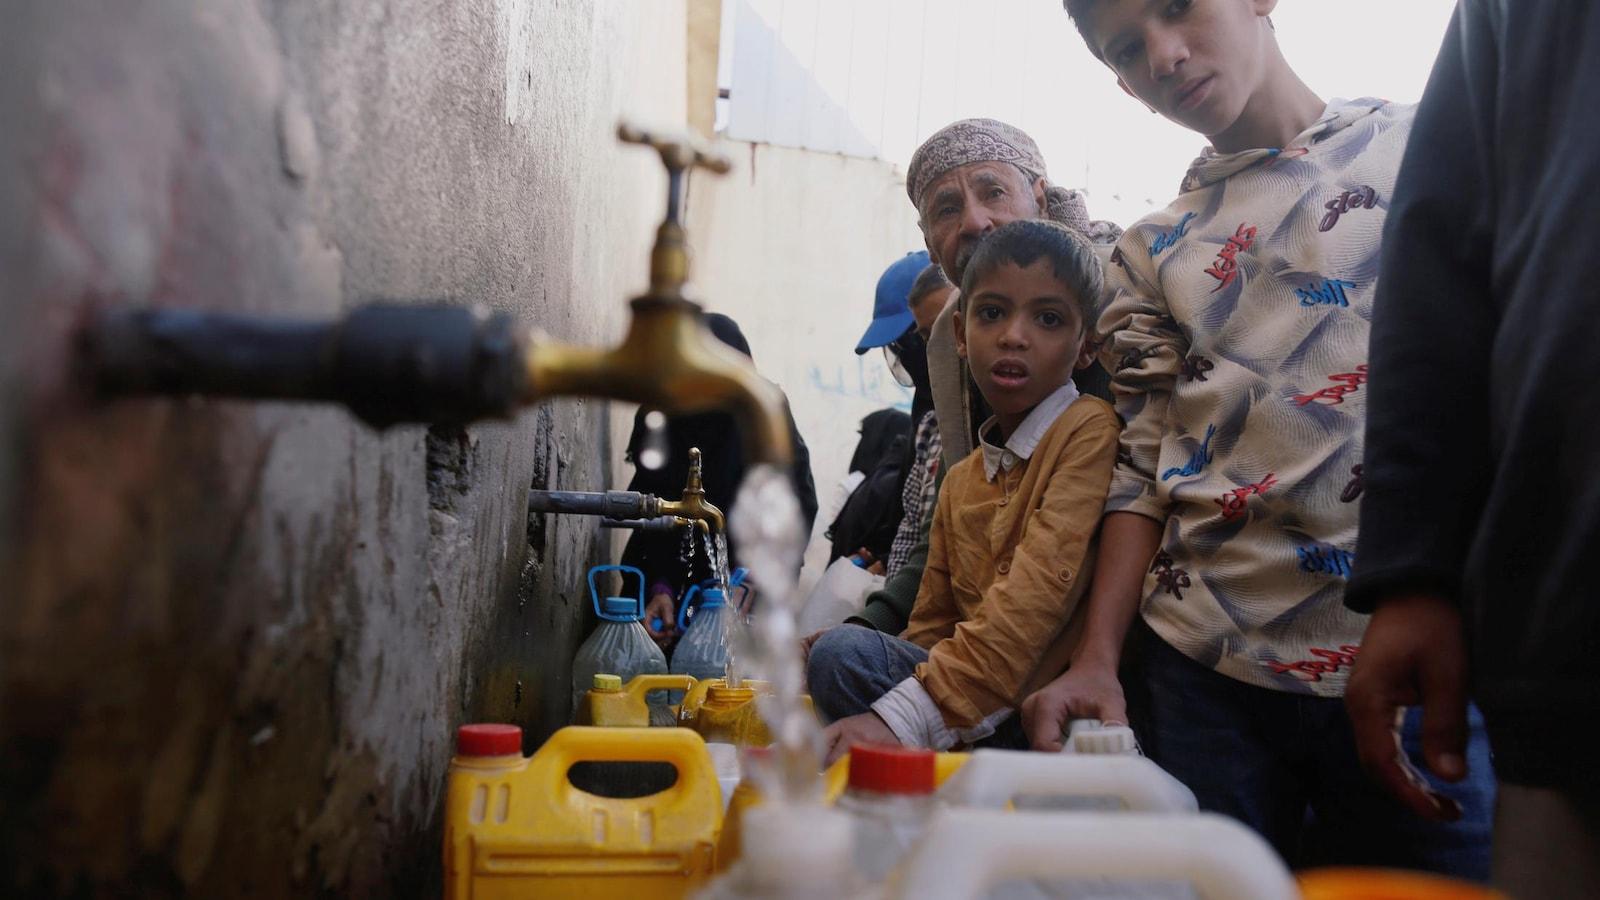 Adultes et enfants remplissent des bouteilles d'eau à des robinets installés à l'extérieur d'un bâtiment.